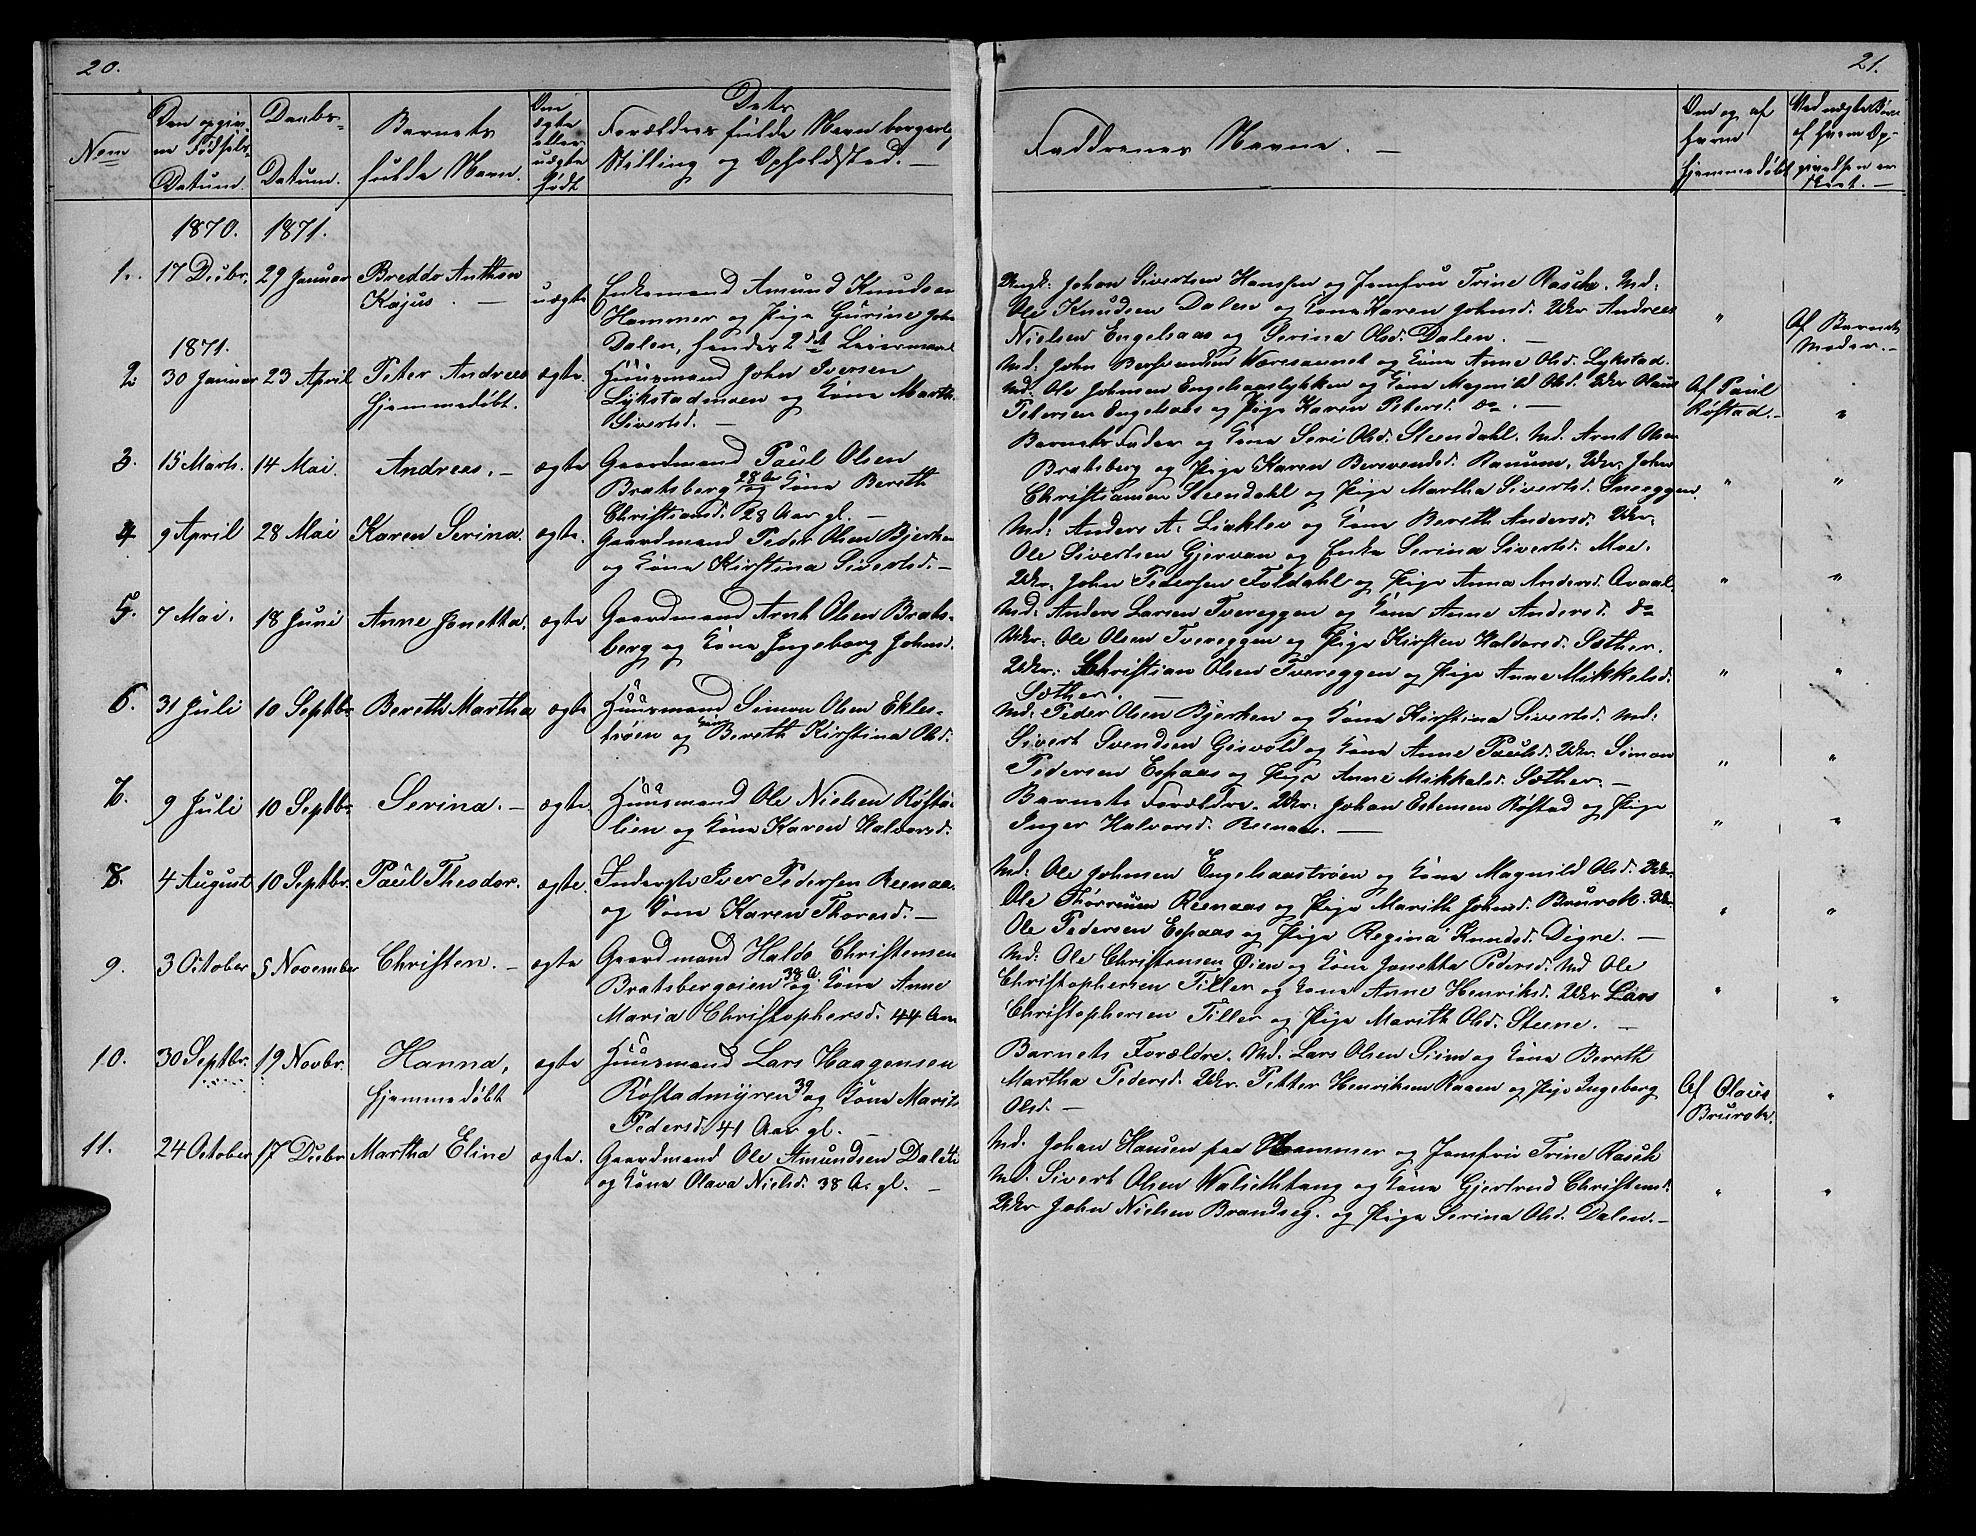 SAT, Ministerialprotokoller, klokkerbøker og fødselsregistre - Sør-Trøndelag, 608/L0340: Klokkerbok nr. 608C06, 1864-1889, s. 20-21